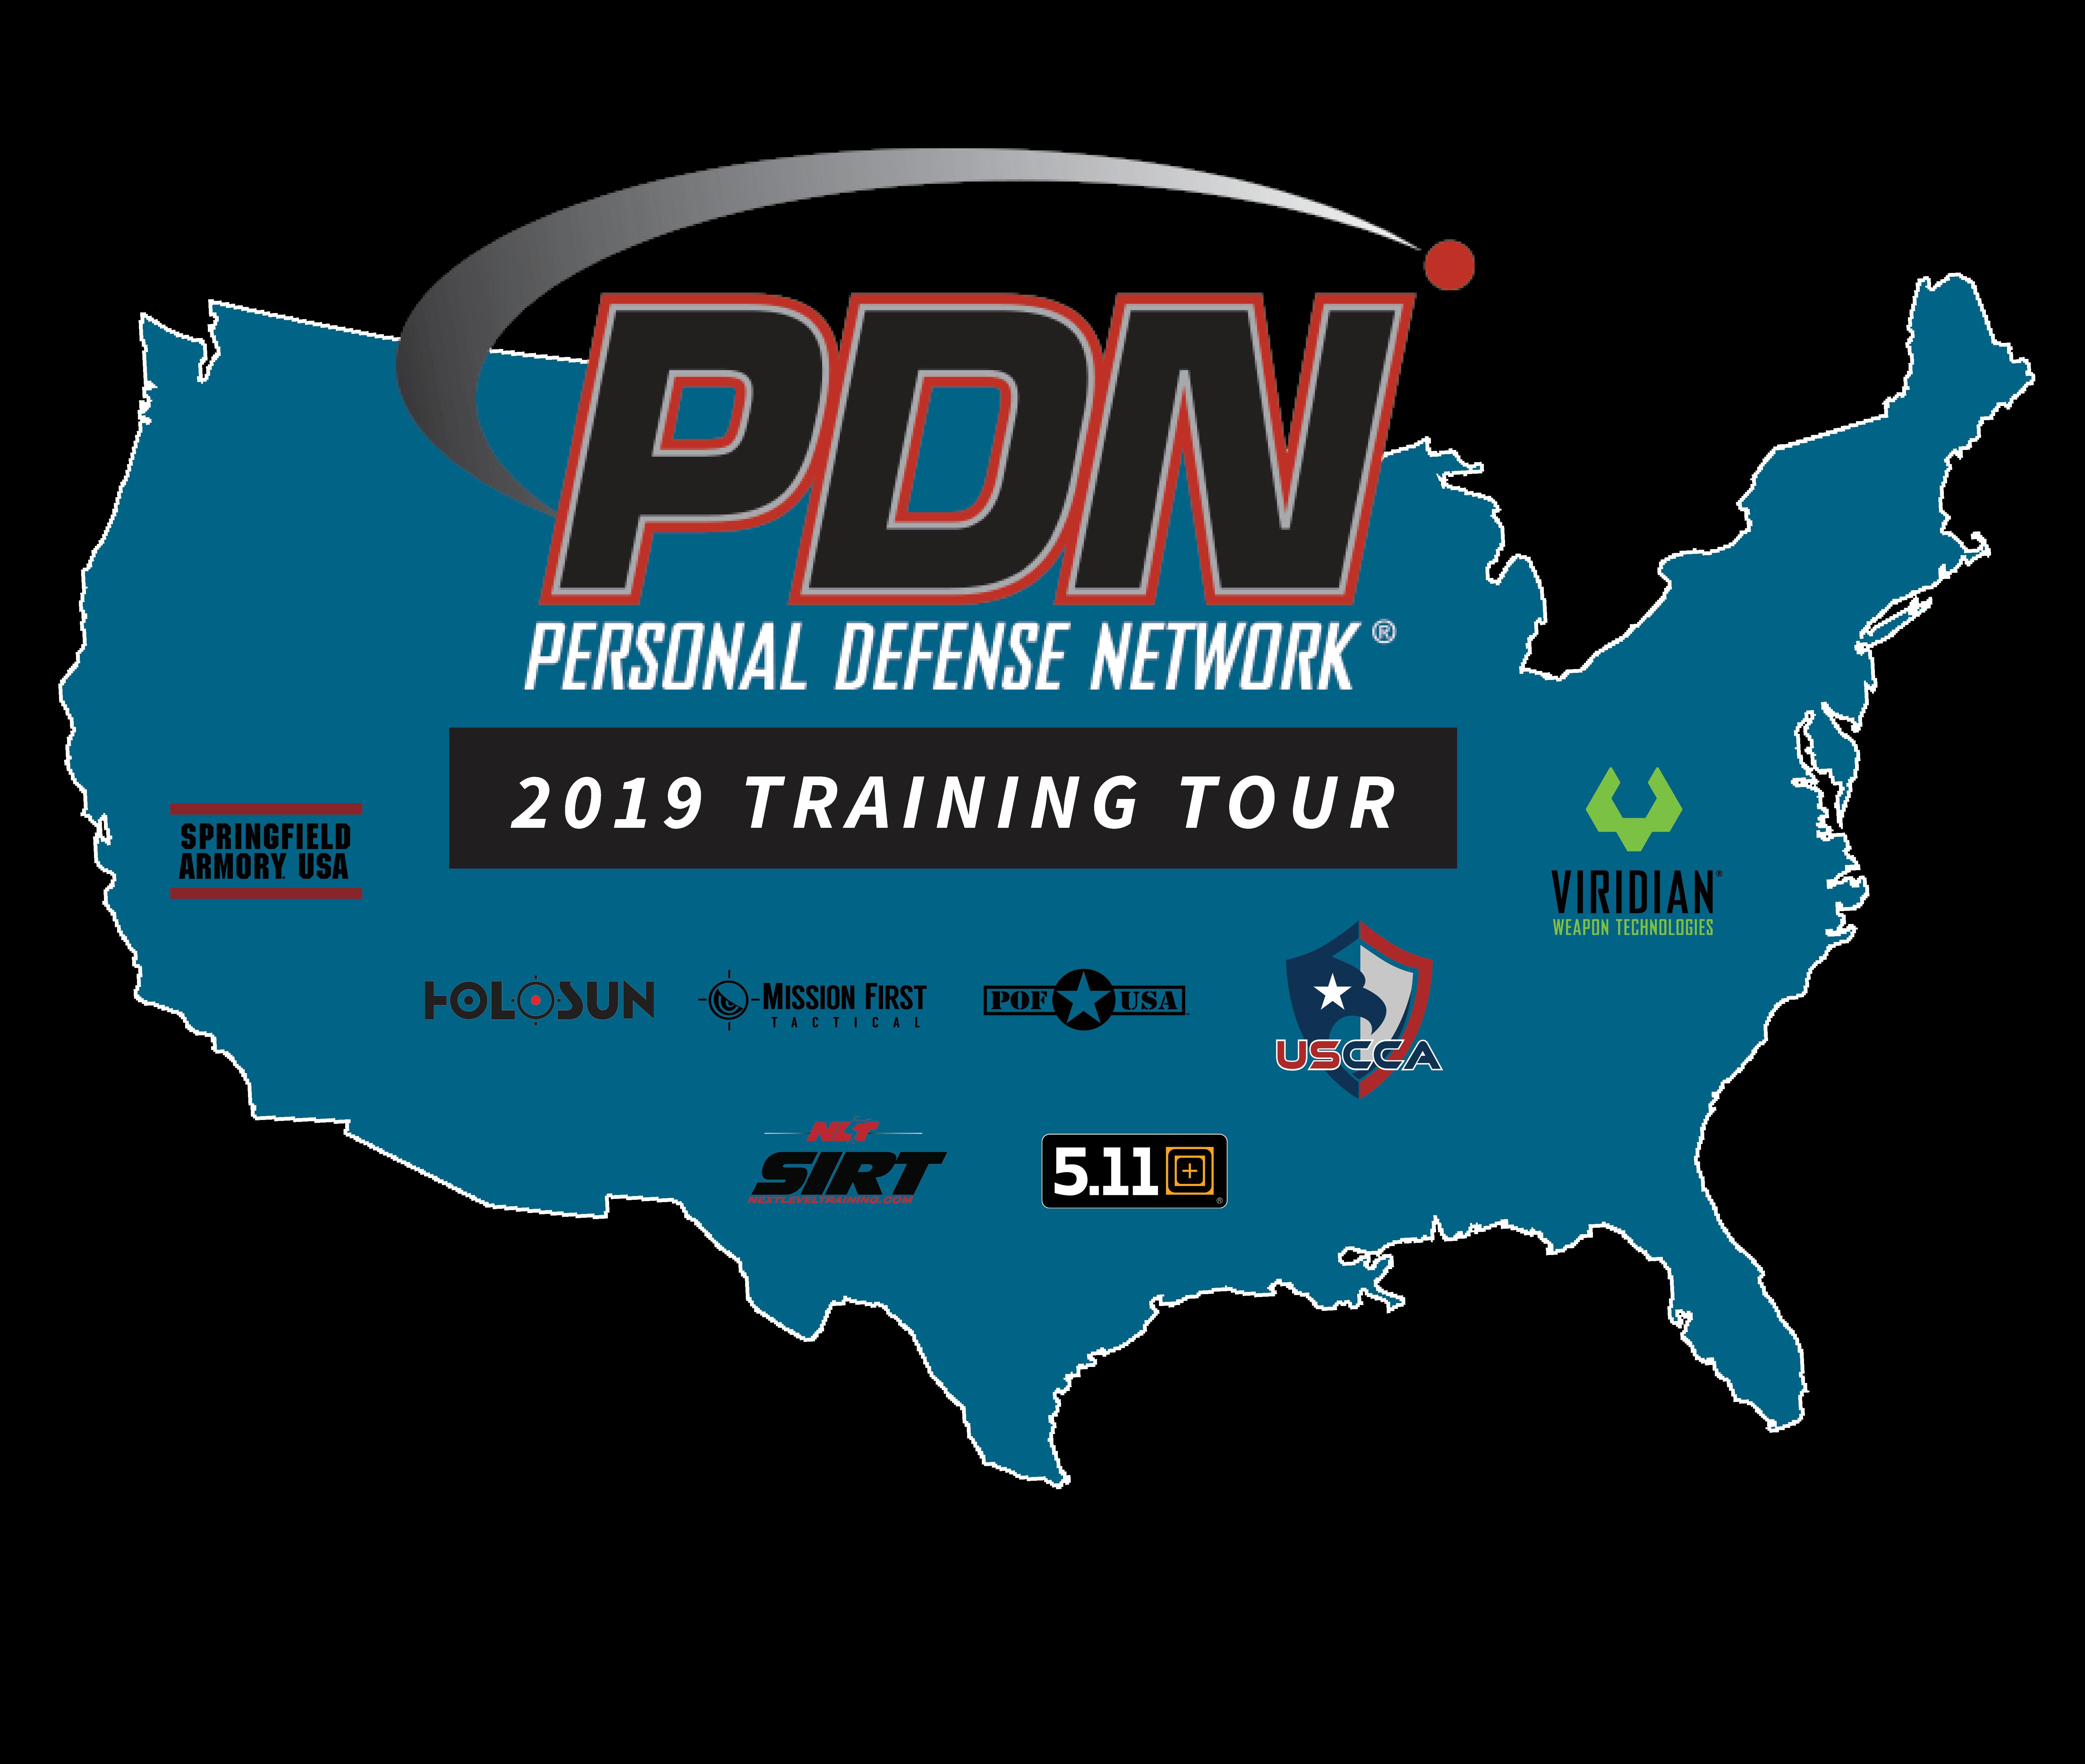 PDN Training Tour Sponsors